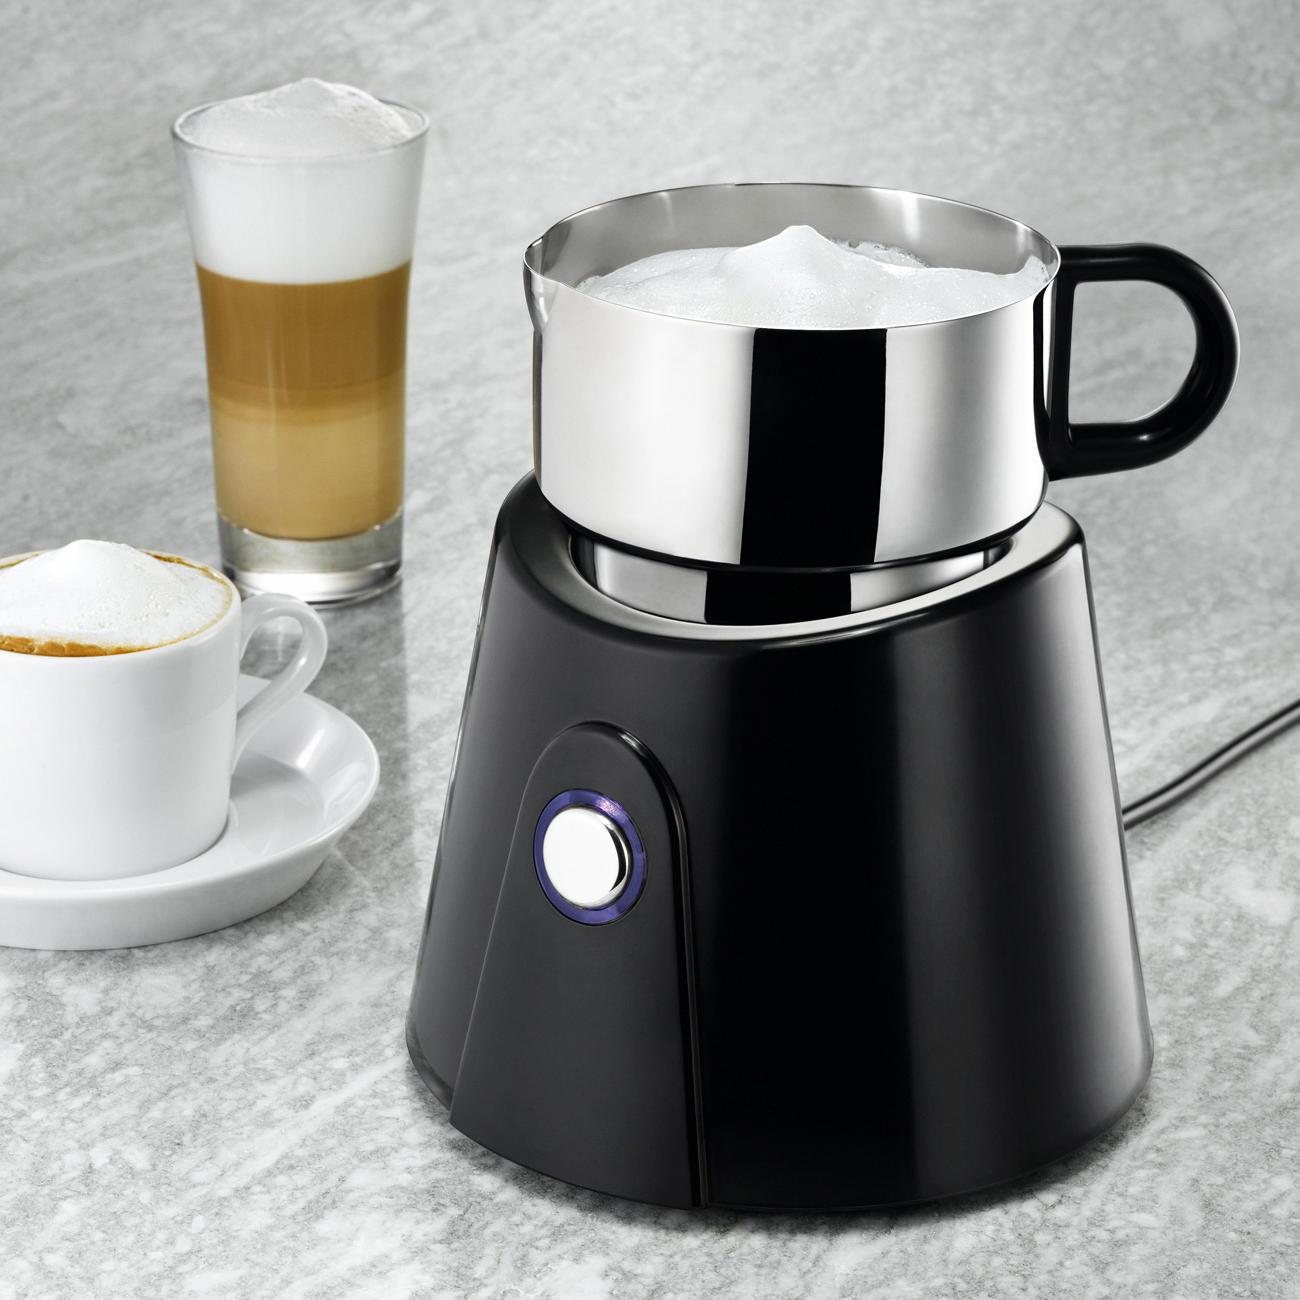 acheter mousseur lait induction en ligne pas cher. Black Bedroom Furniture Sets. Home Design Ideas